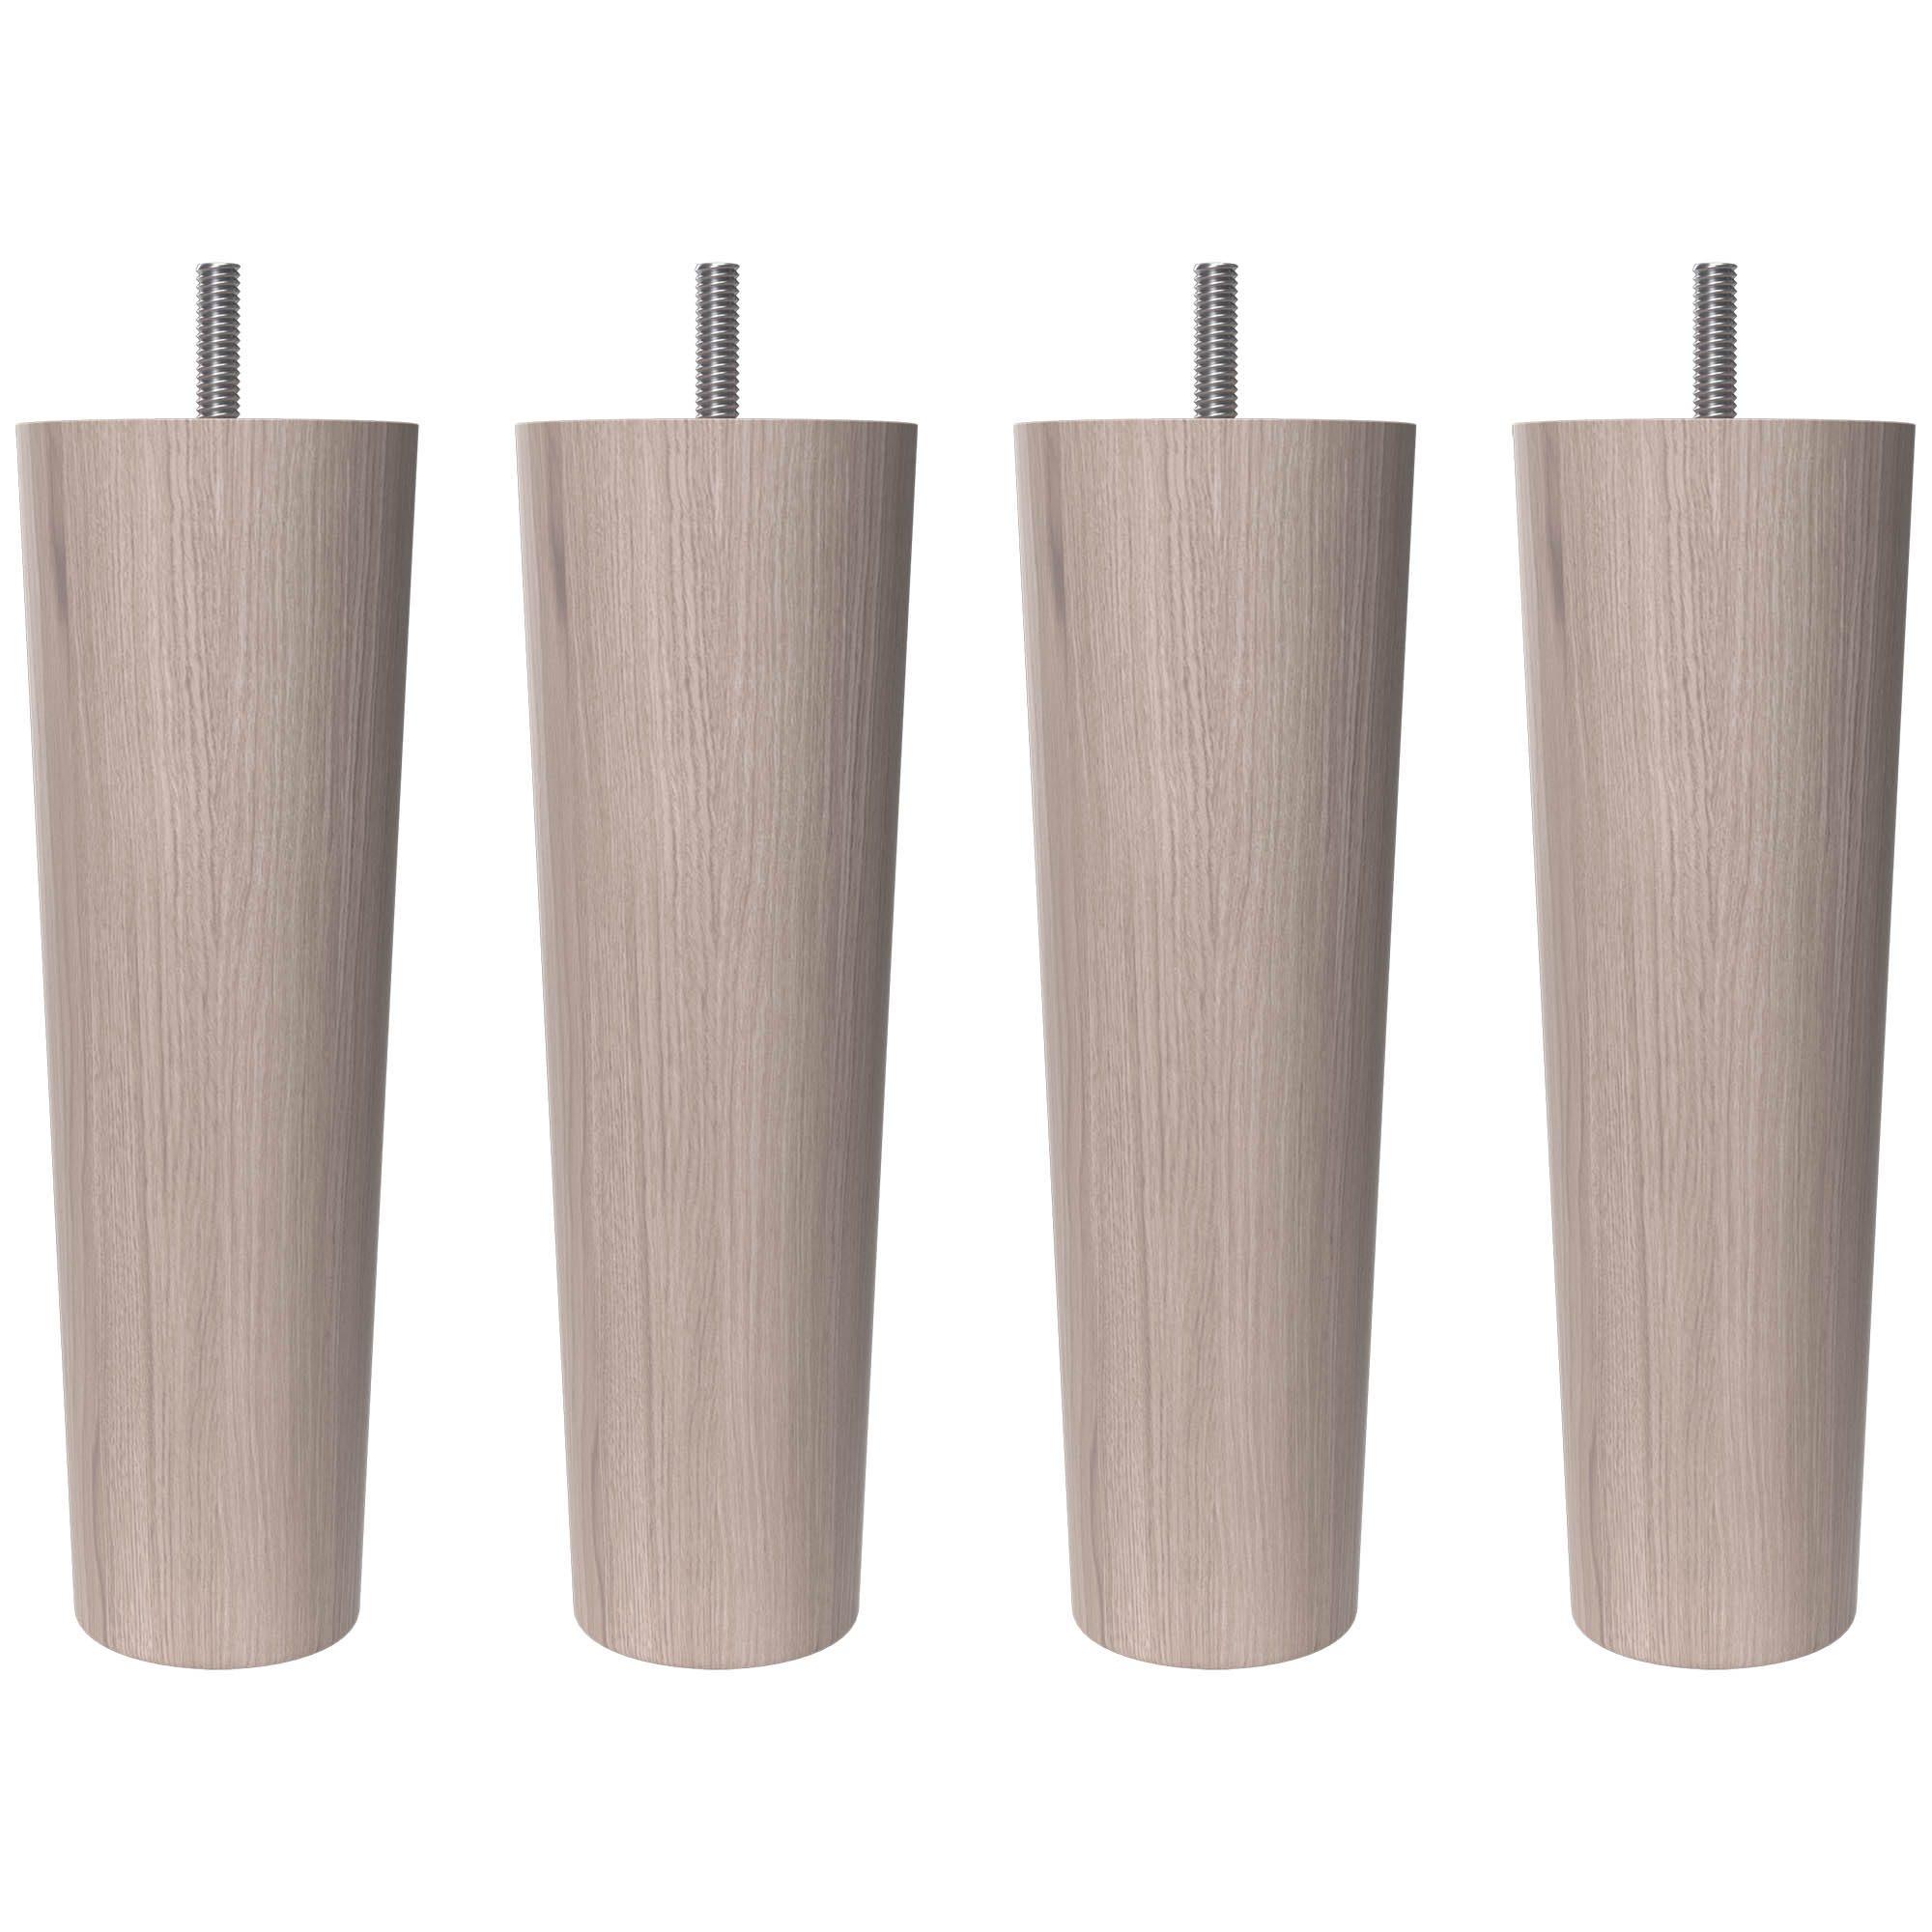 Vitlaserade runda träben från Wonderland 19 cm.